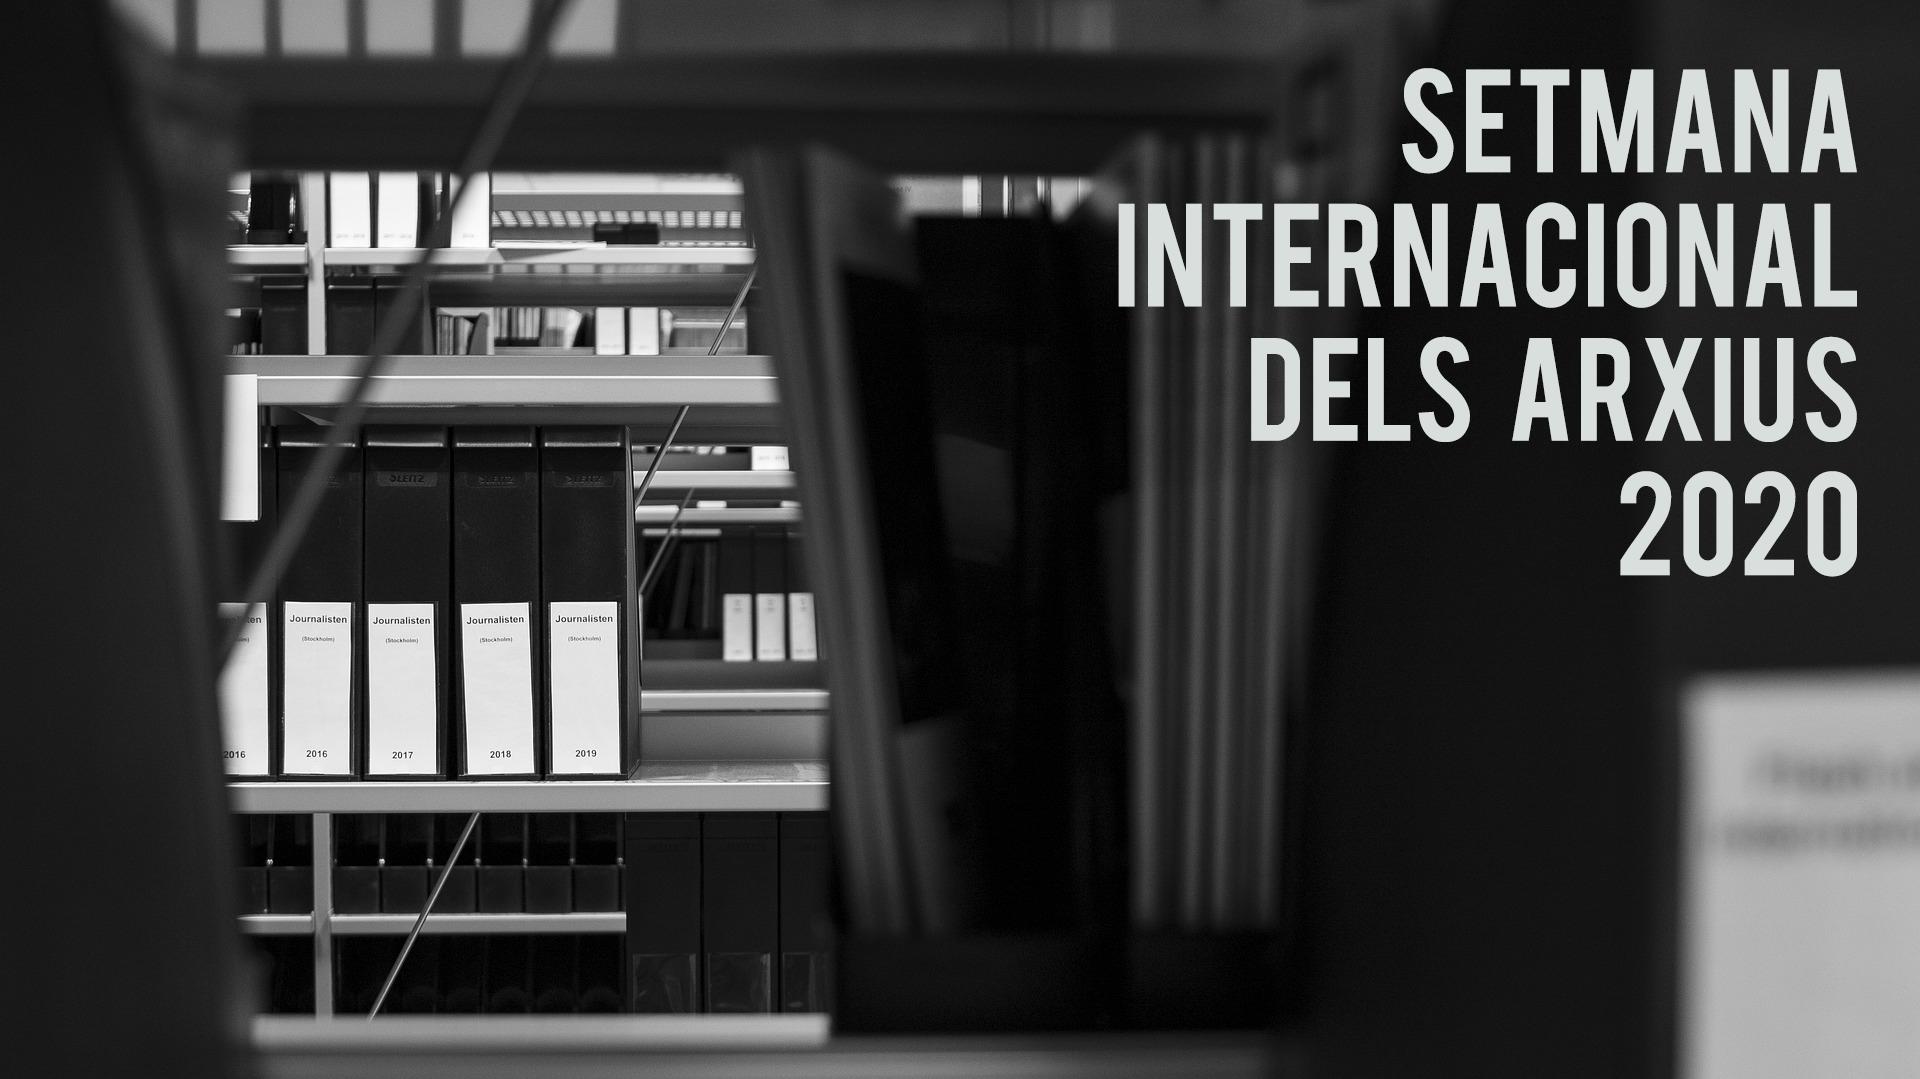 Setmana internacional dels arxius